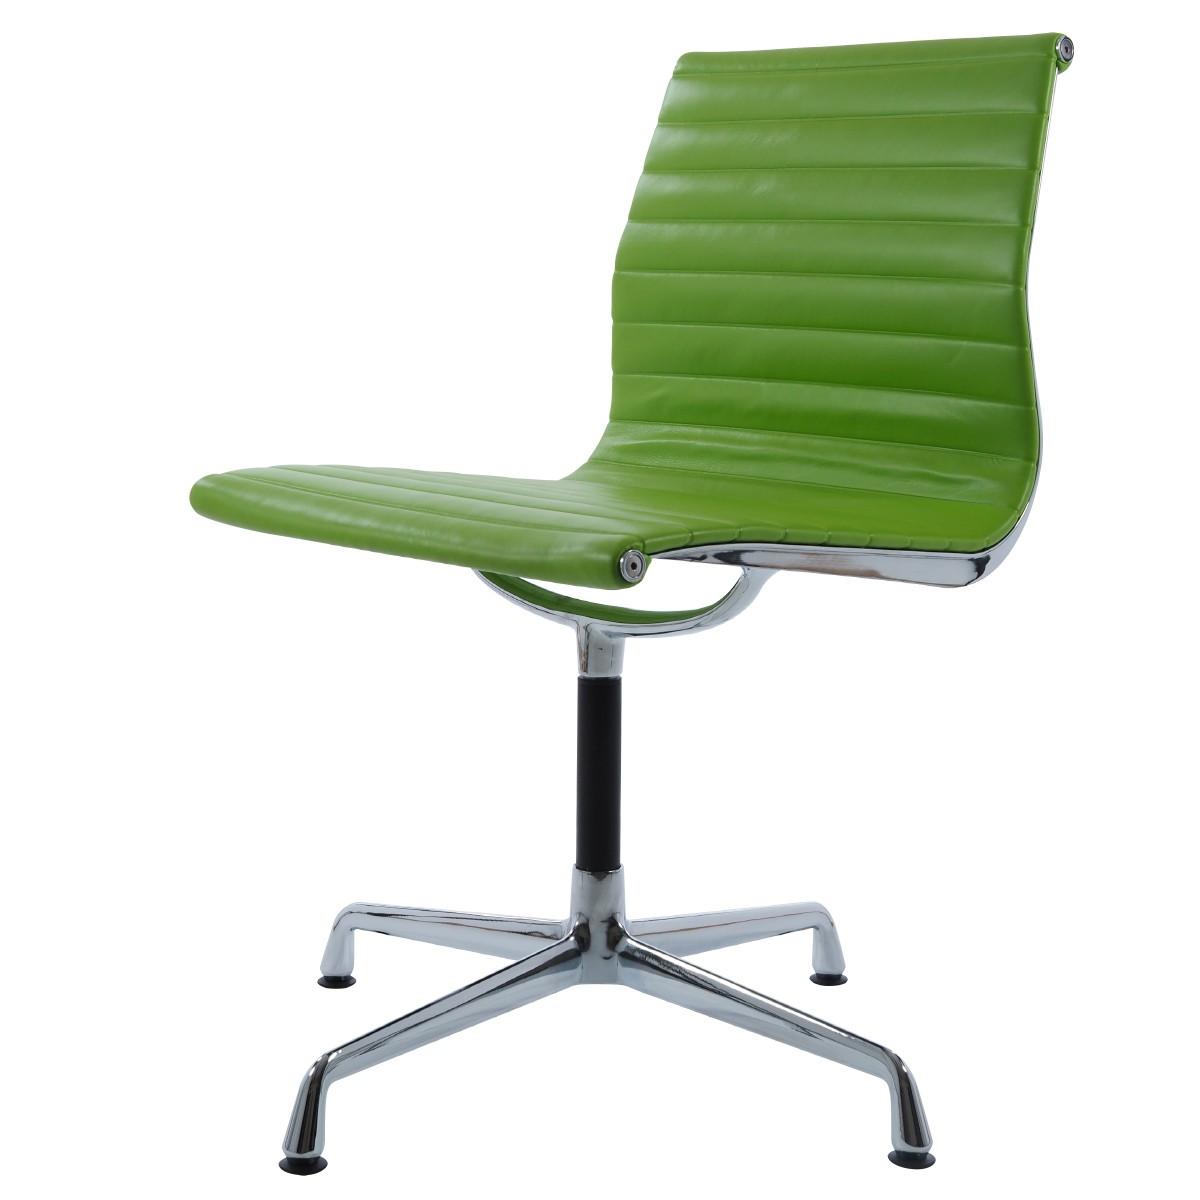 charles eames konferenz chef sessel ea105 leder auf gleitern ohne armlehne design konferenz. Black Bedroom Furniture Sets. Home Design Ideas